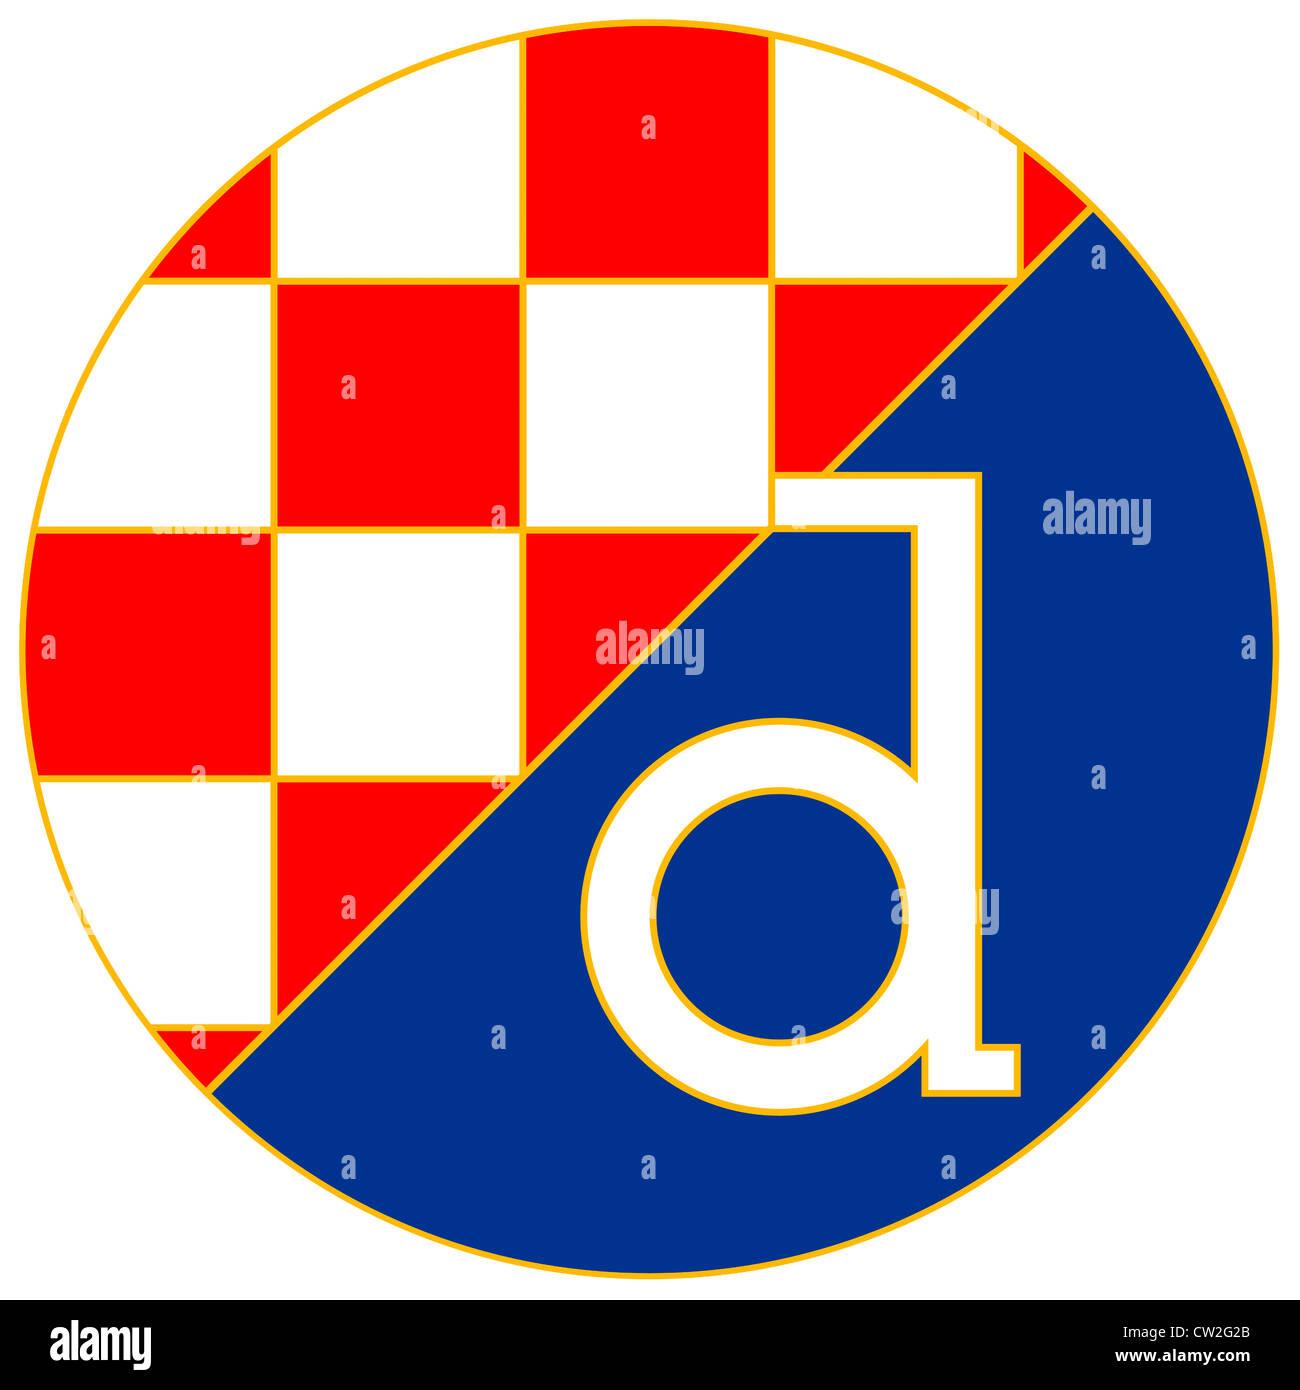 logo of croatian football team dinamo zagreb stock photo